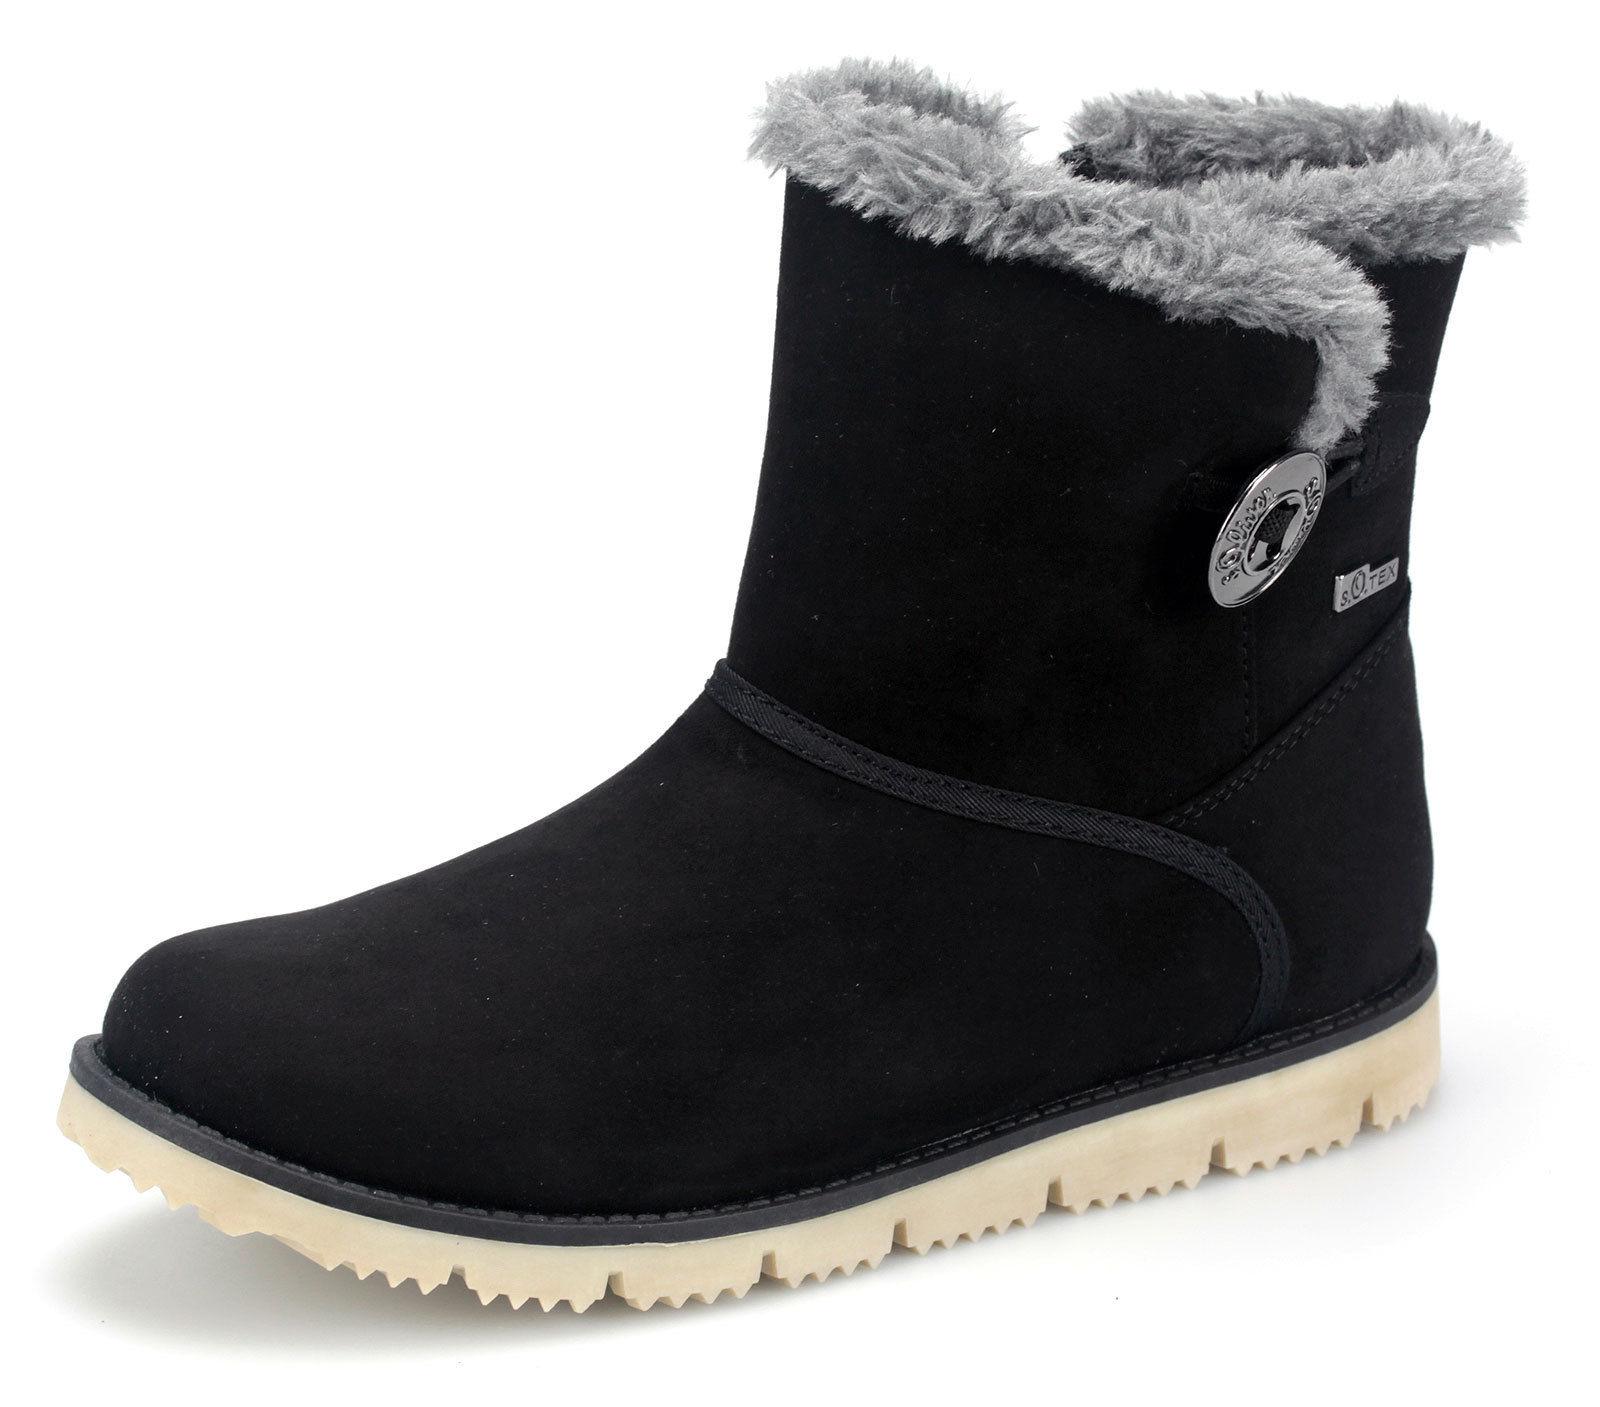 info for 0860b 917bb Détails sur S. Oliver Filles Bottines Enfants Boots Doublure Hiver  Chaussures 56404 Noir- afficher le titre d'origine